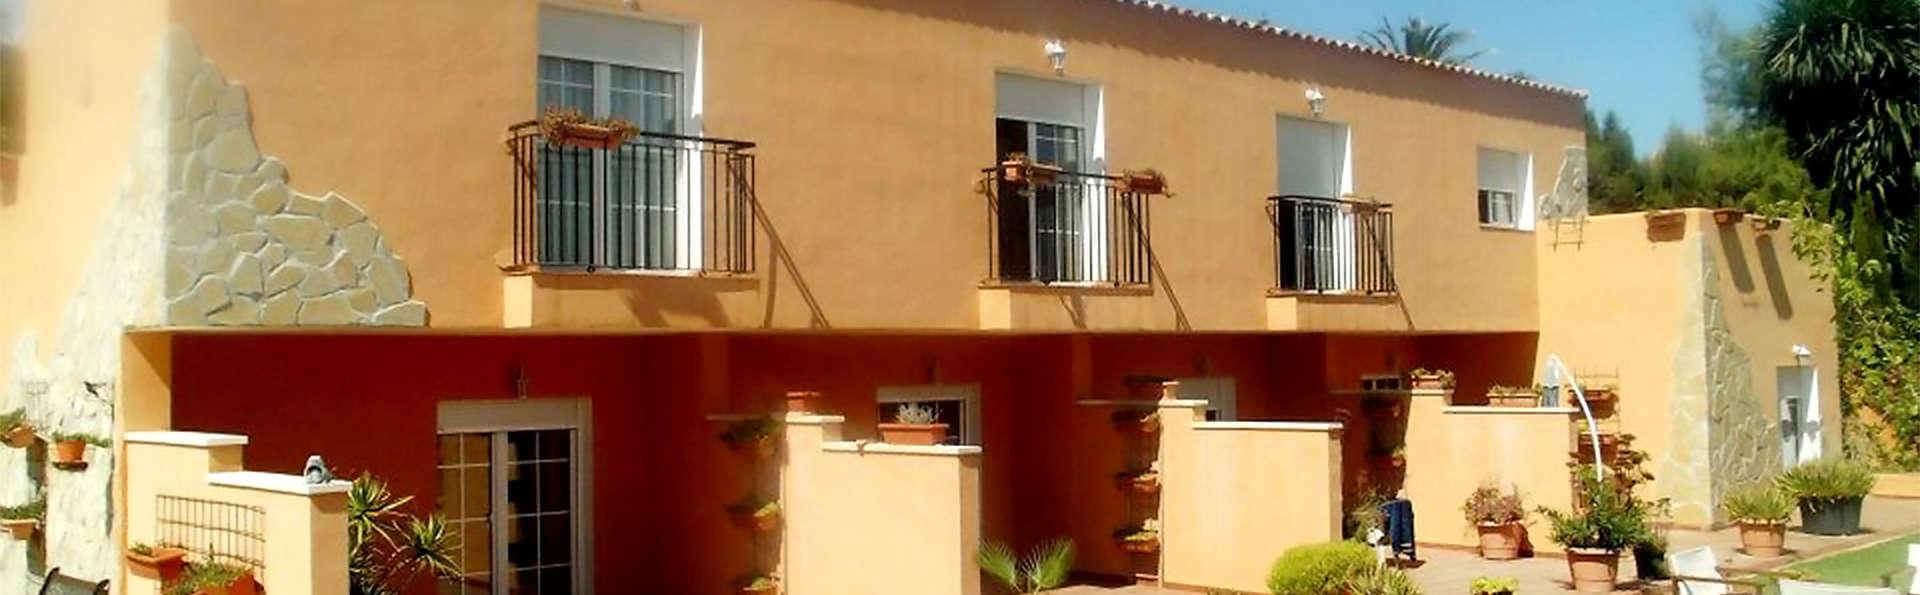 Hotel Cruz de Gracia - EDIT_ext1.jpg